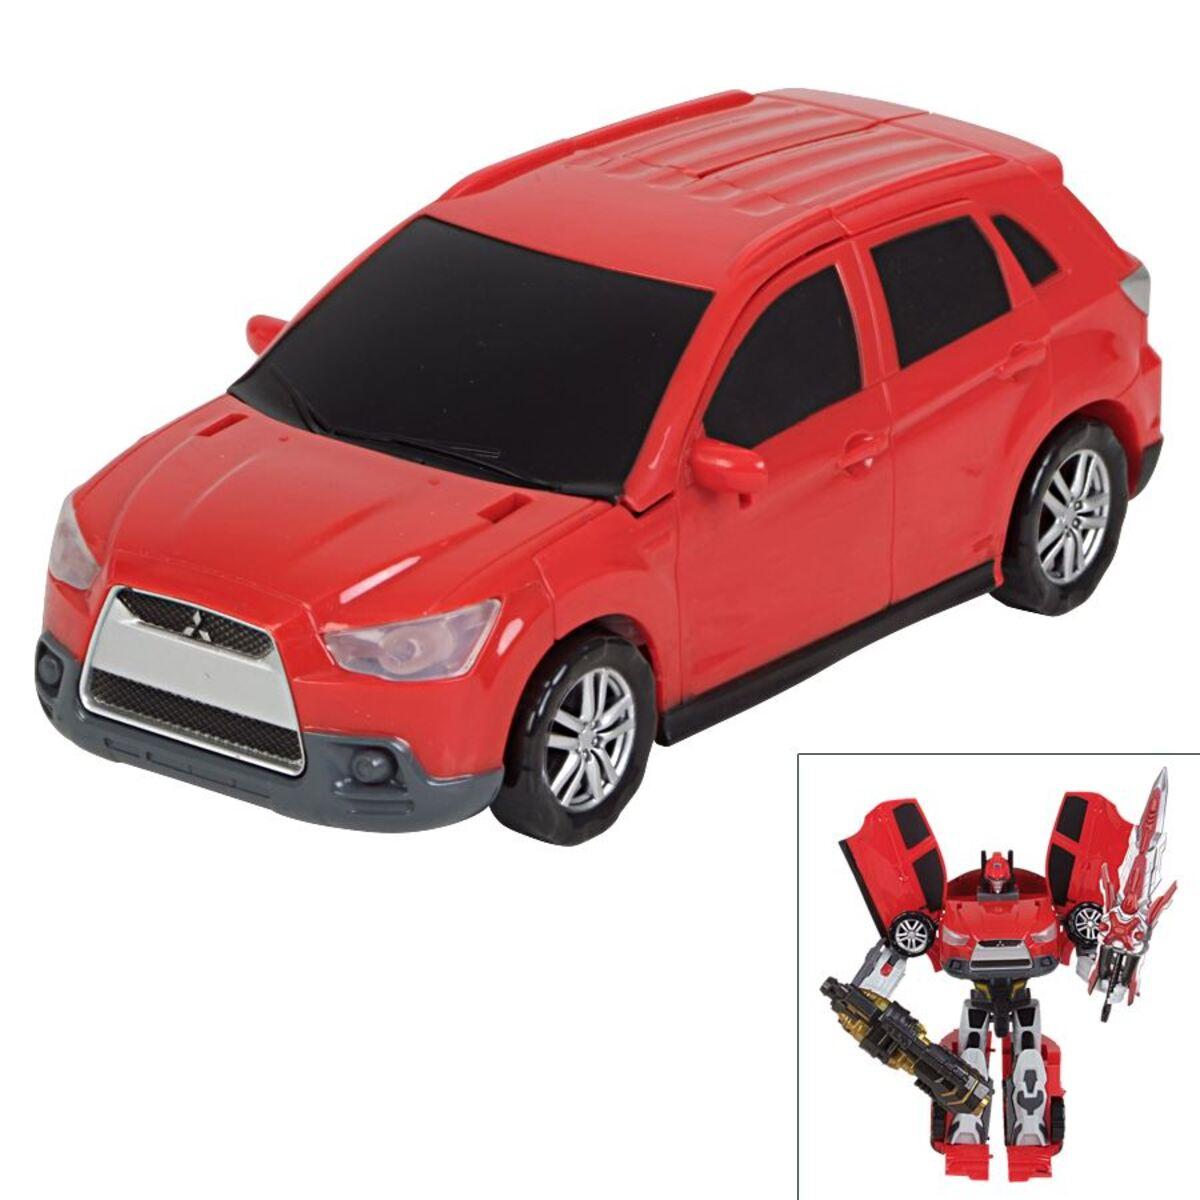 Bild 2 von Mitsubishi ASX Spielzeug-Roboter